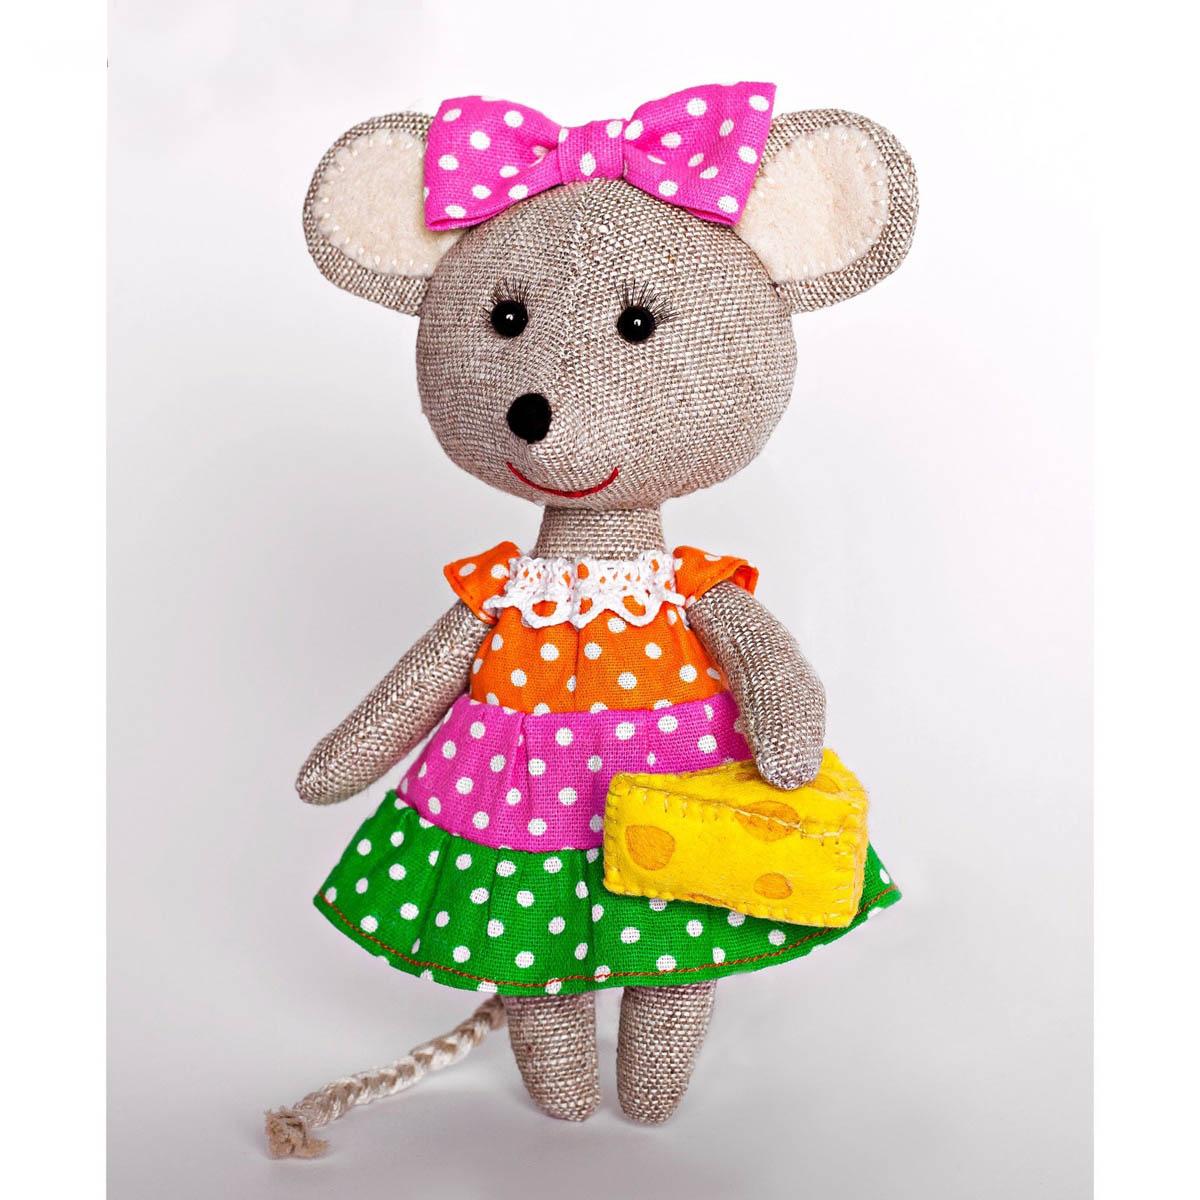 ПЛДК-1457 Набор для создания текстильной игрушки серия 'Домовенок и компания' МЫШКА-НОРУШКА